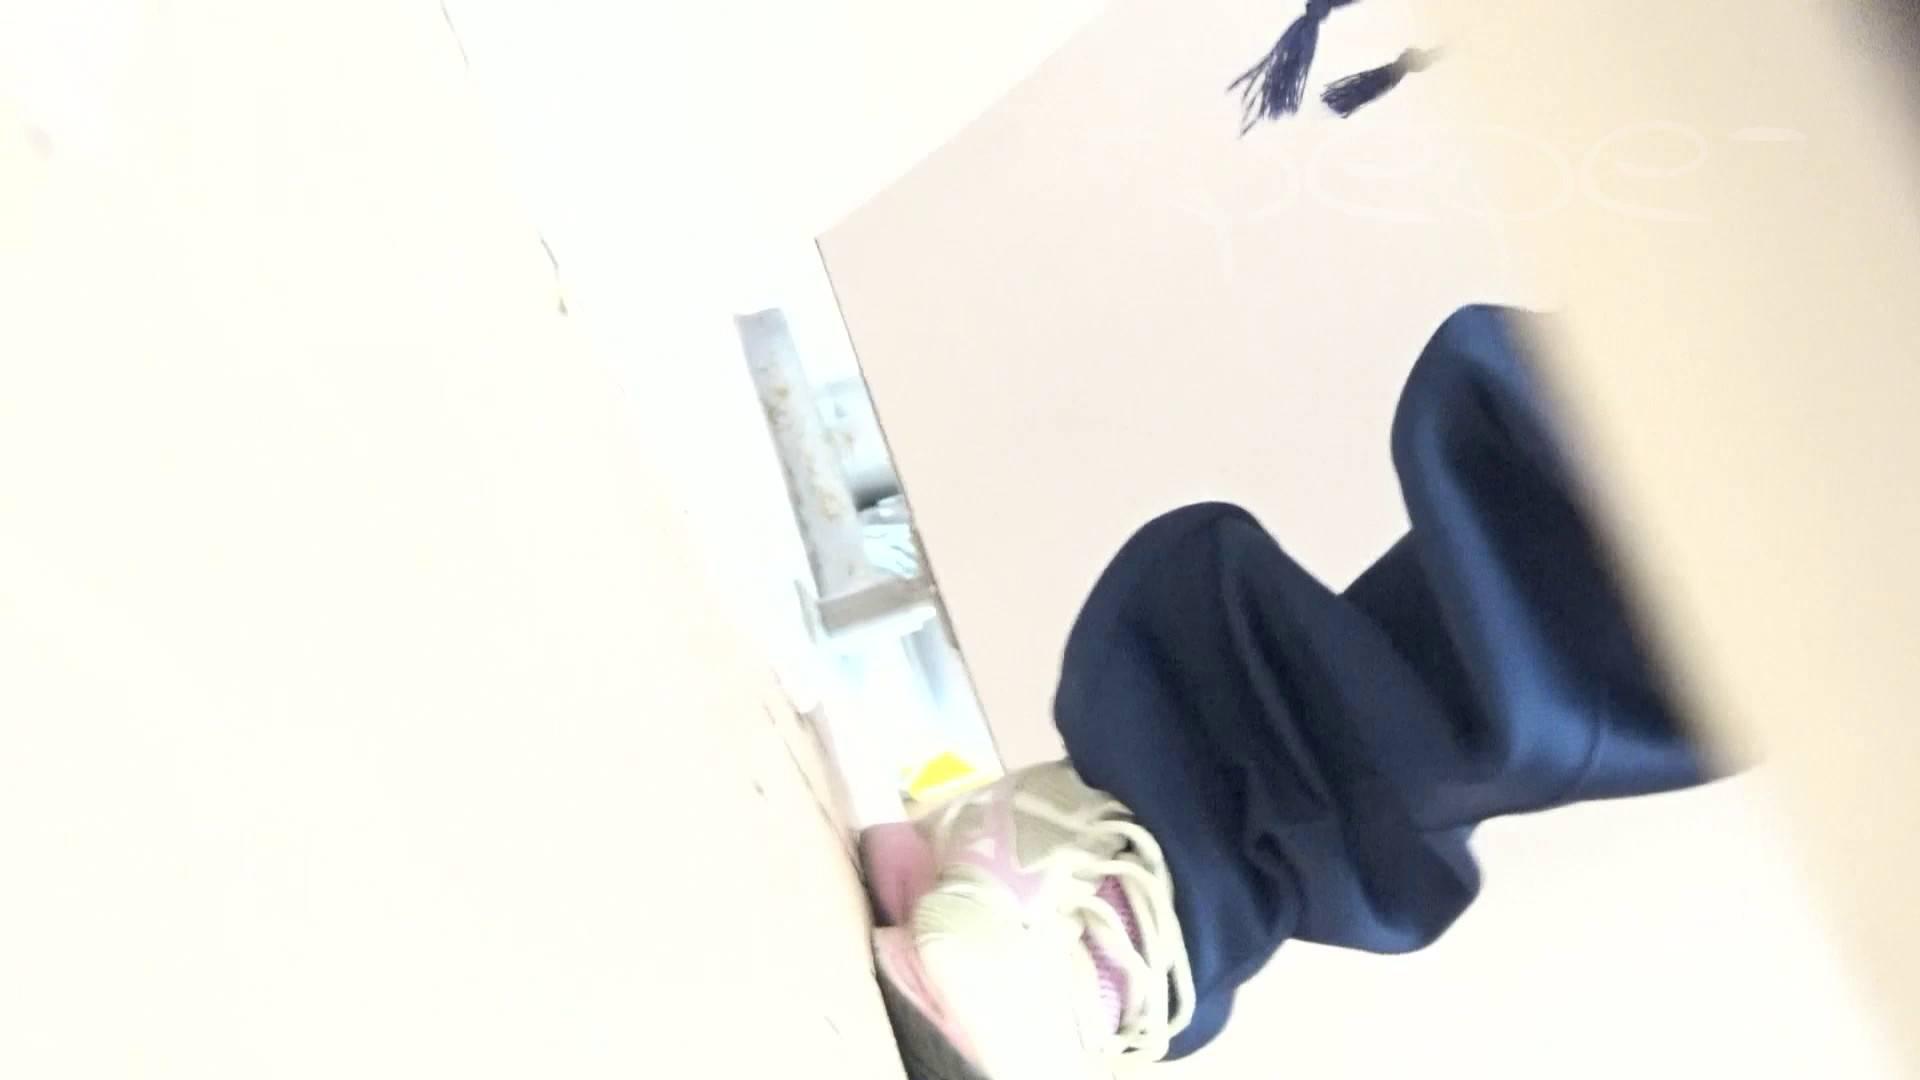 ▲期間限定D▲至高洗面所盗撮 24 至高下方撮りちょいと2カメ!!02 期間限定シリーズ エロ無料画像 79画像 30